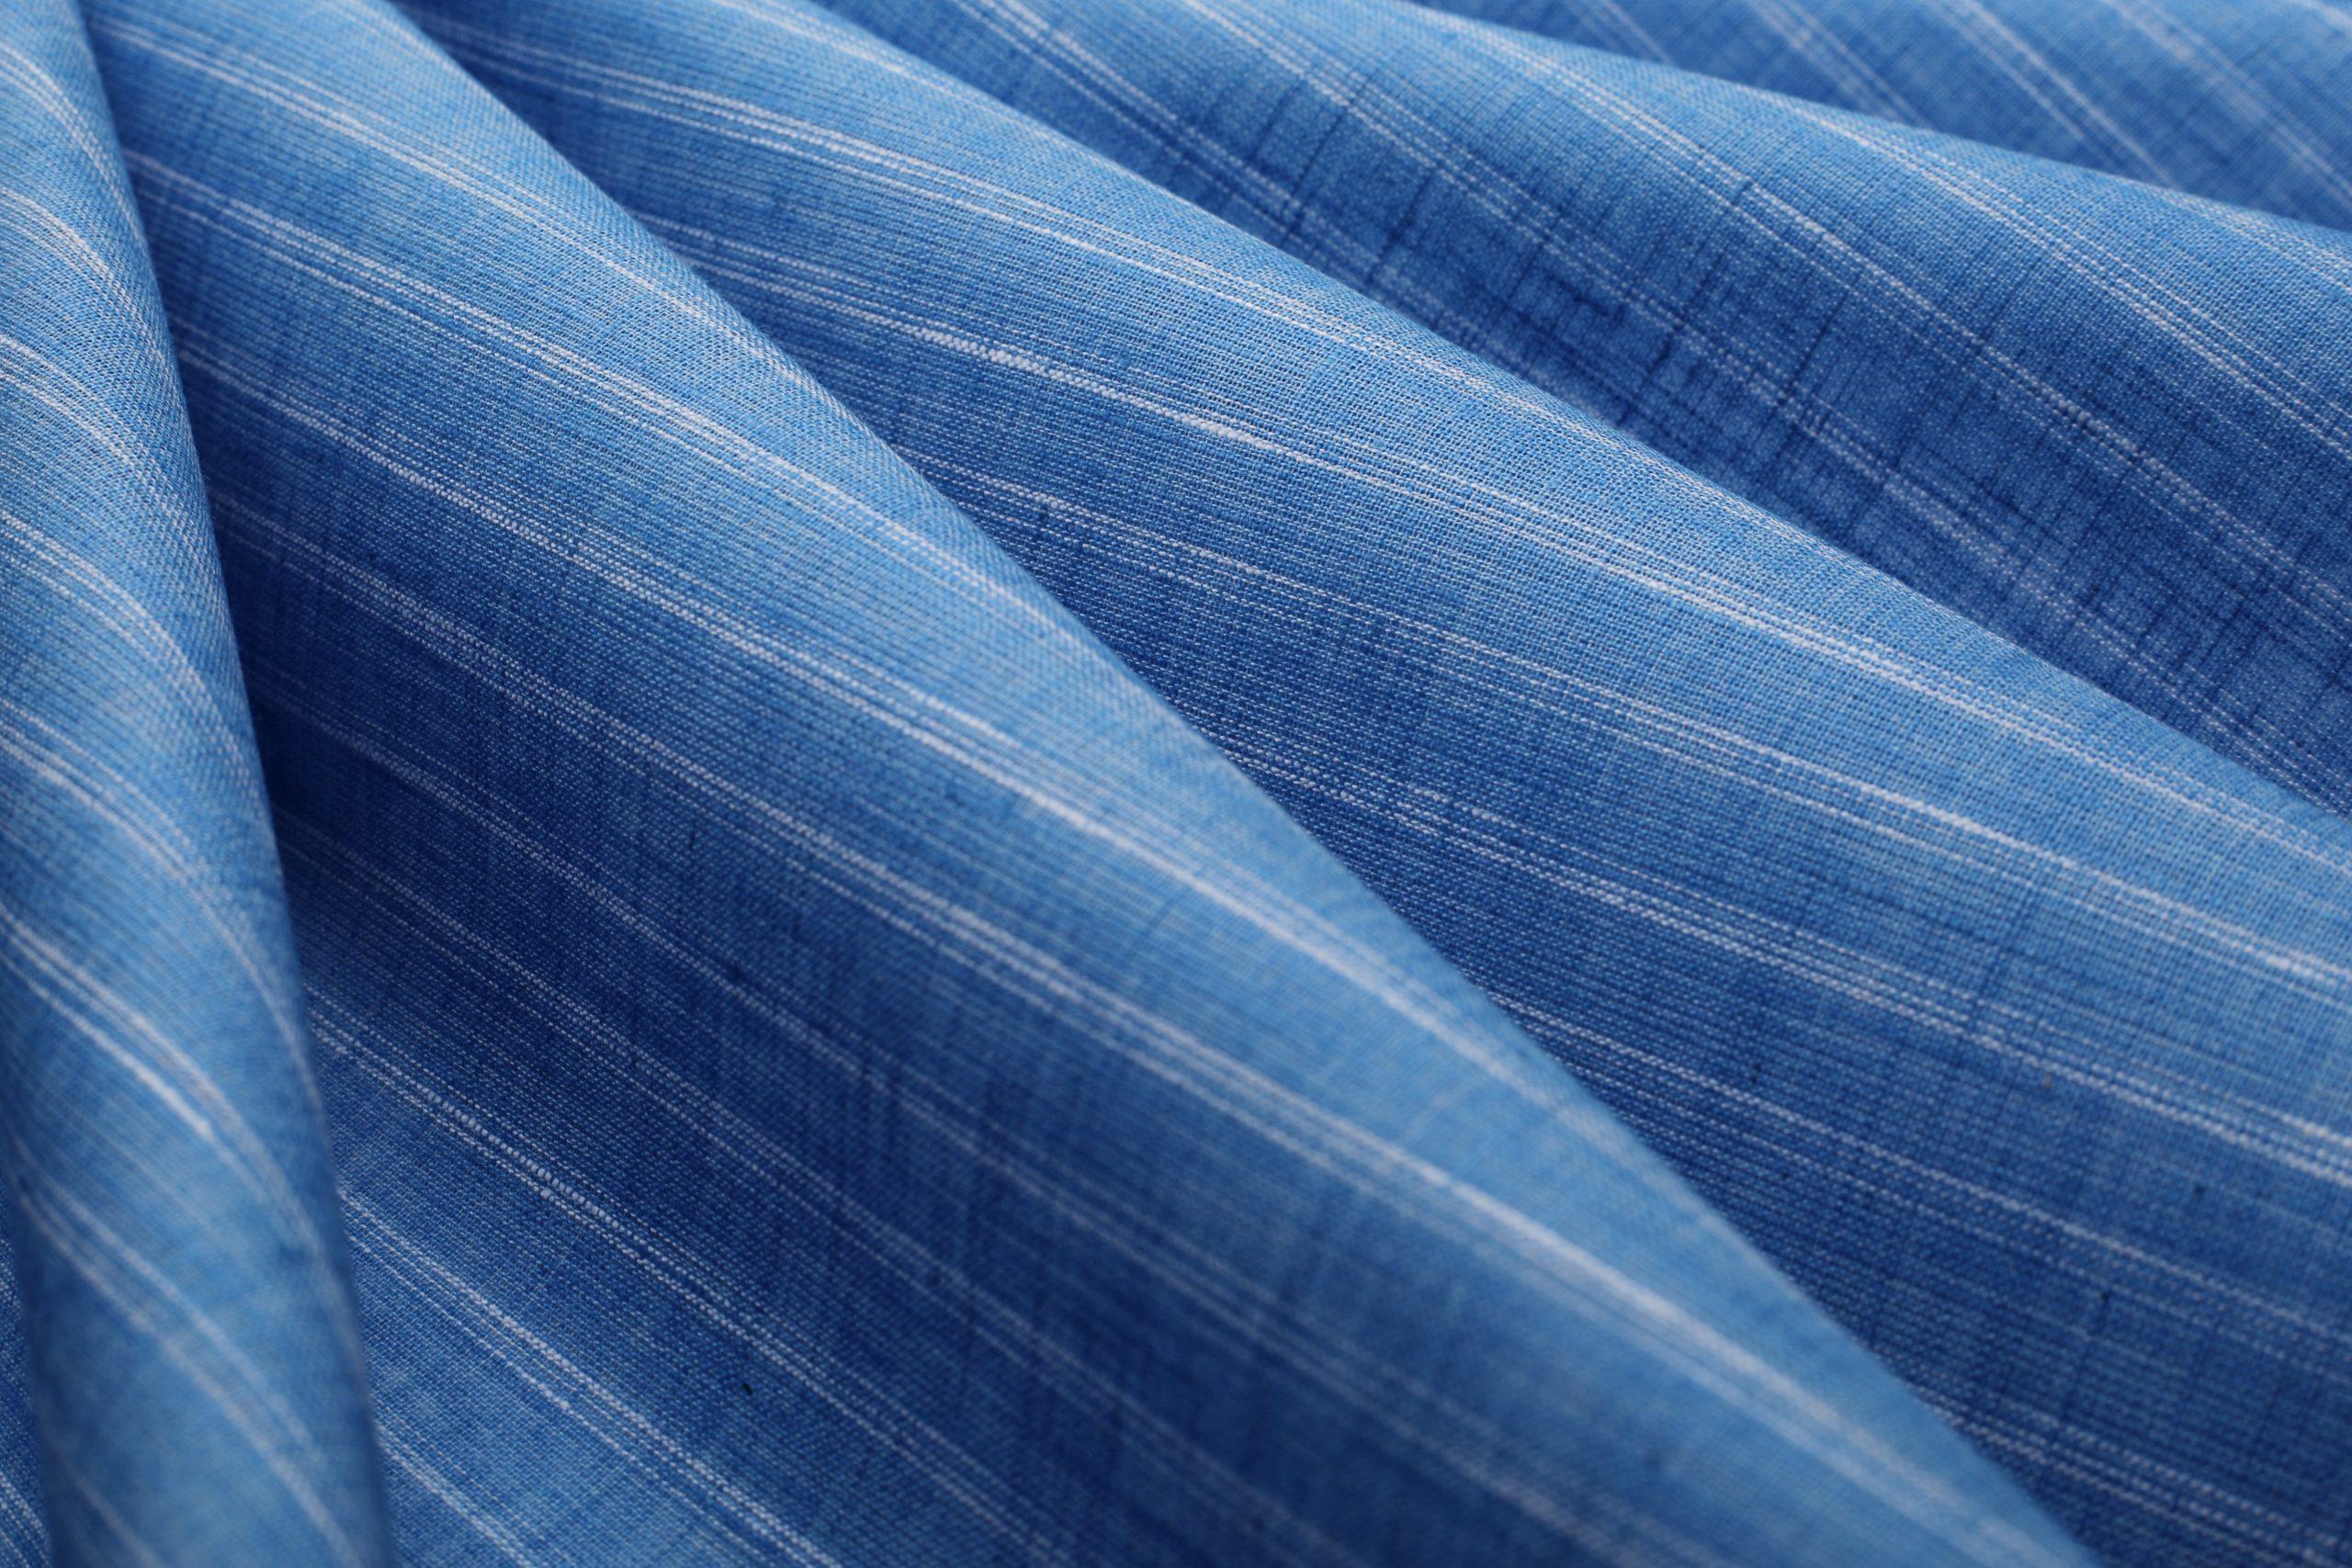 pc blended stripes